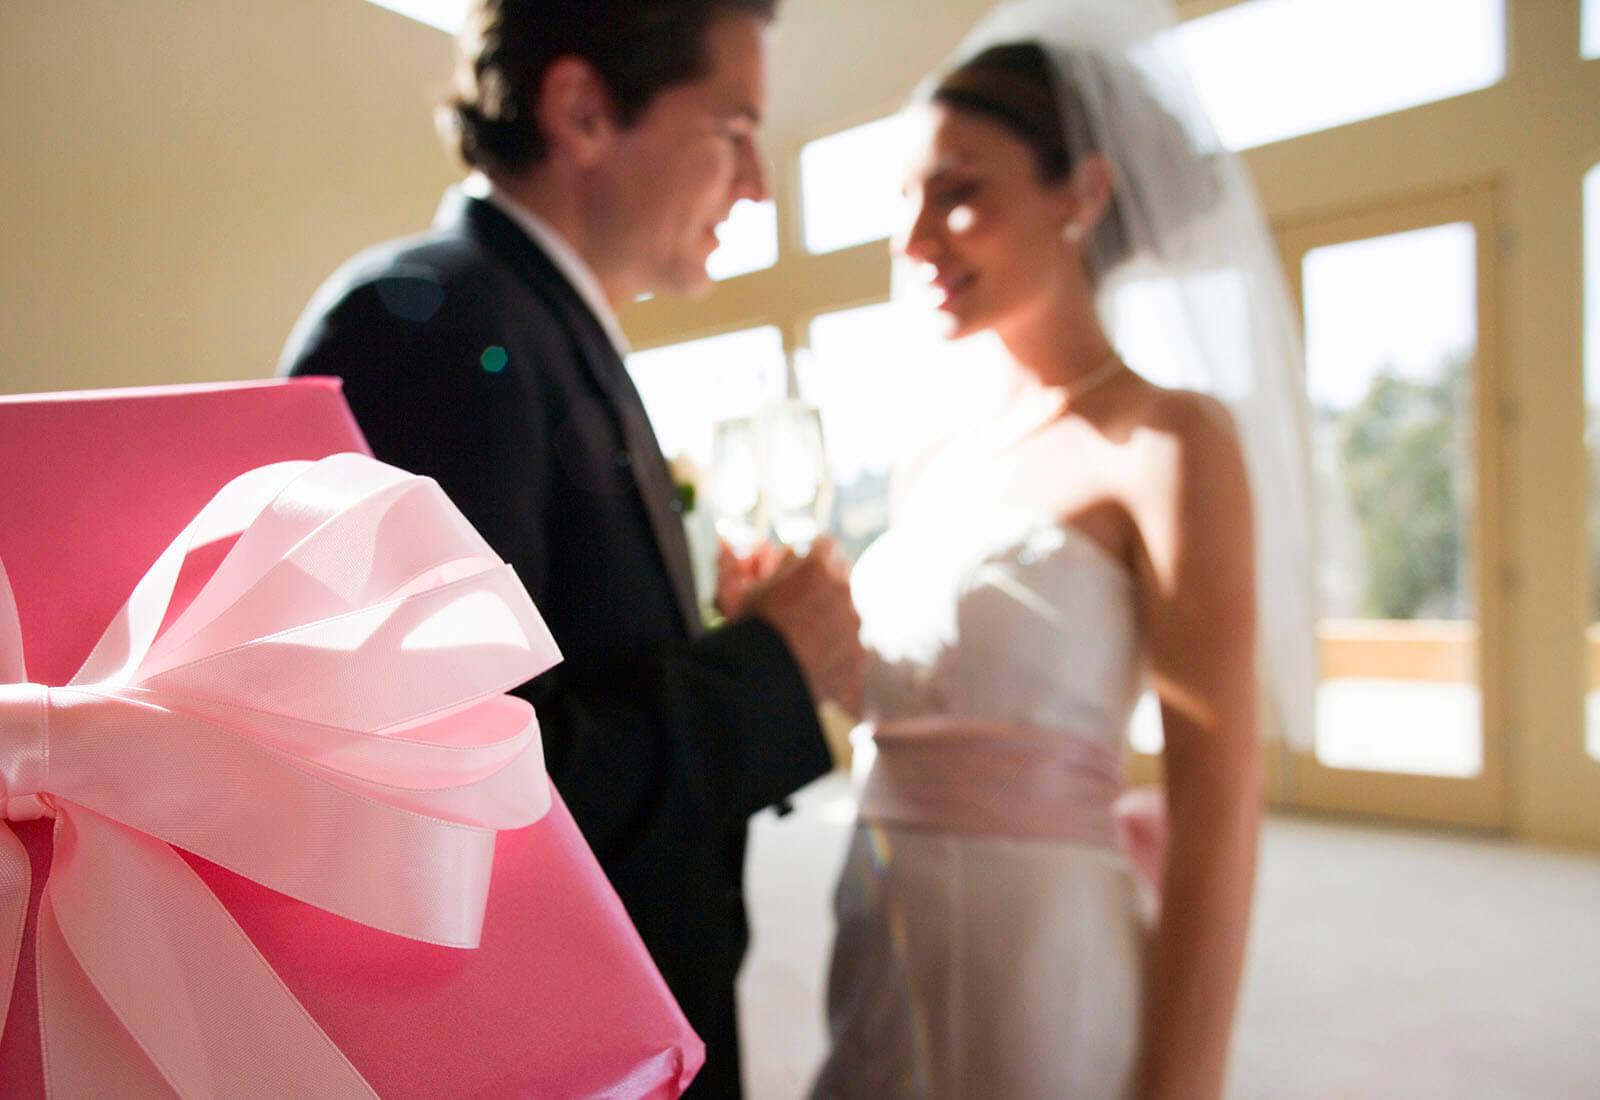 regalos-boda-novio-novia.jpg